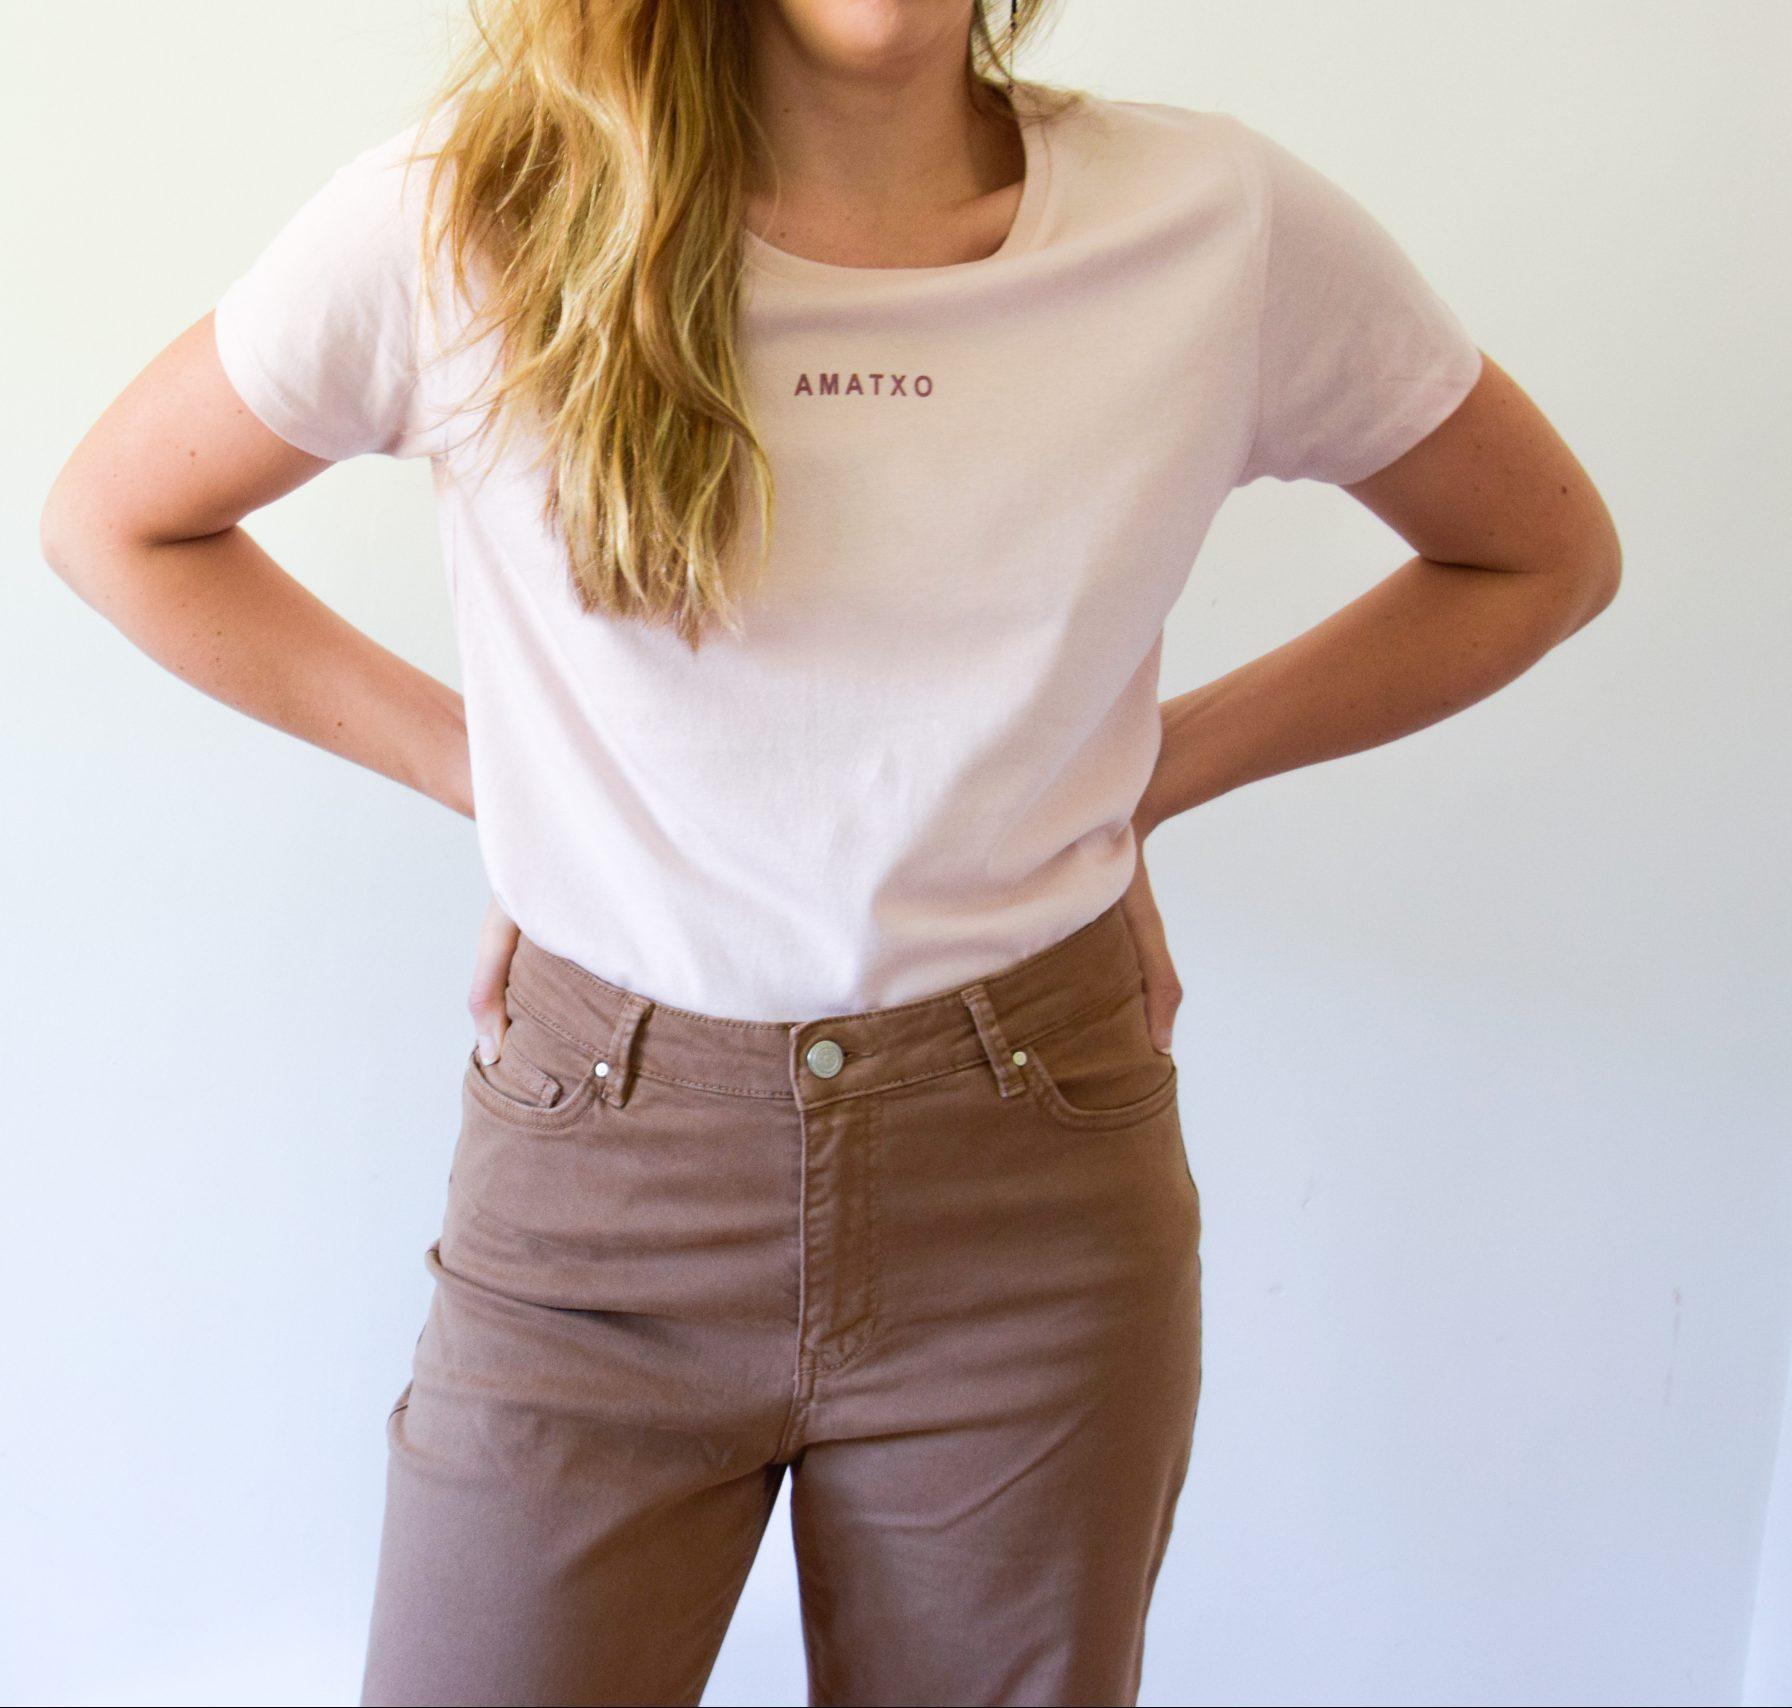 camiseta amatxo flamingo